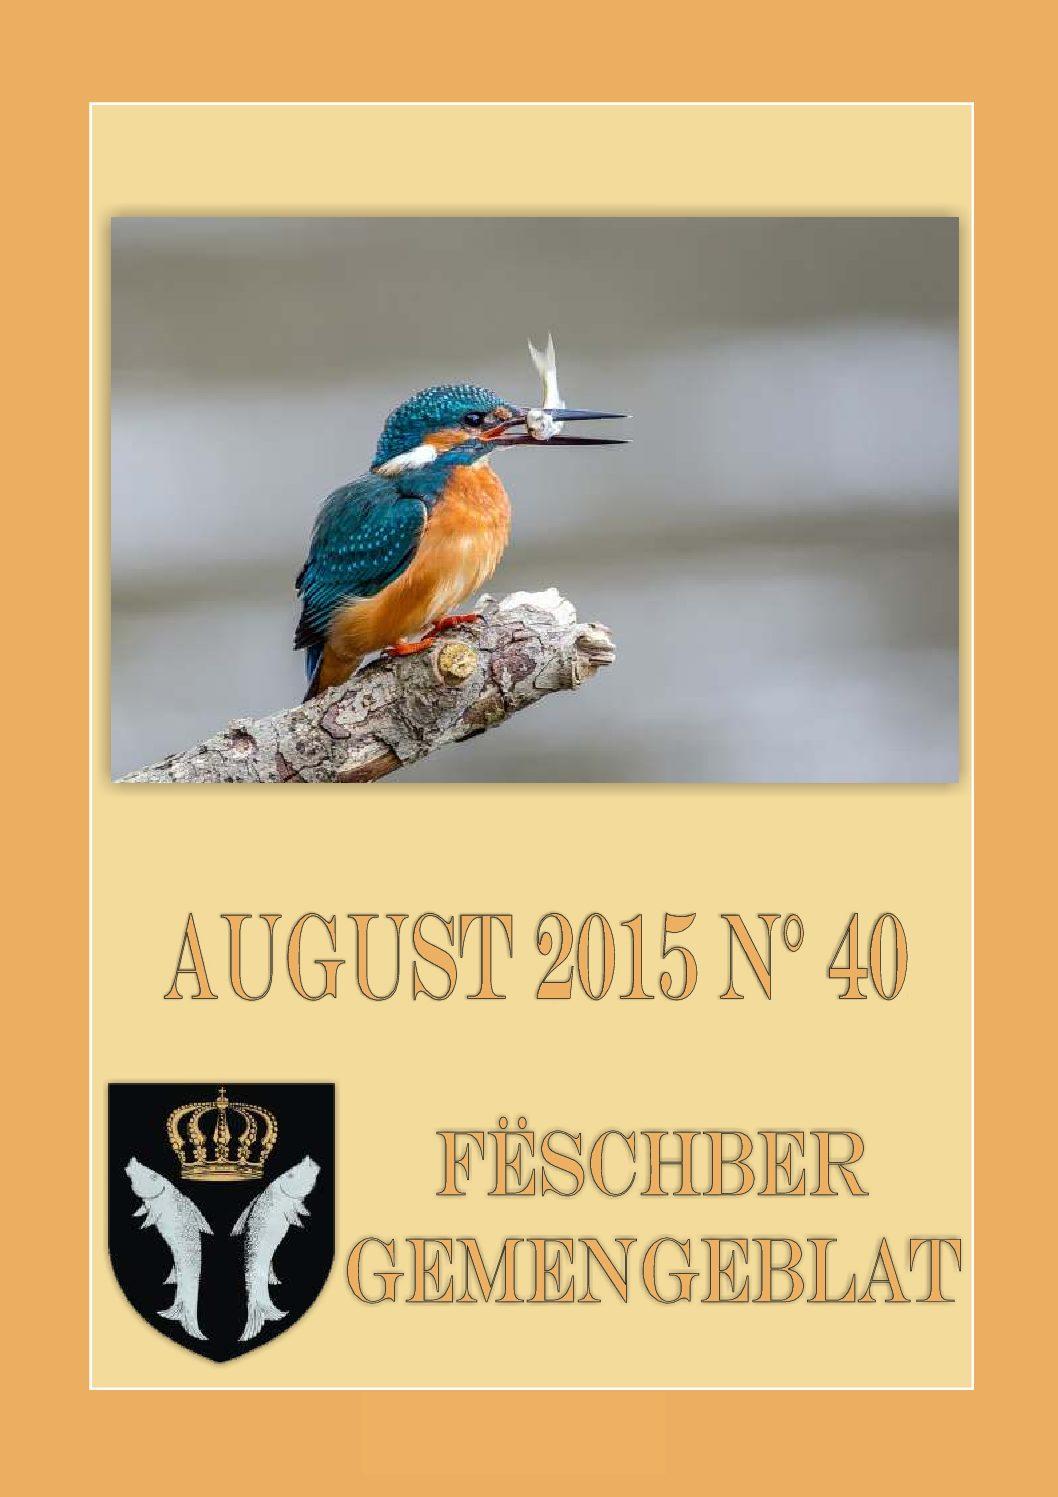 August 2015 Gemengeblat No. 40